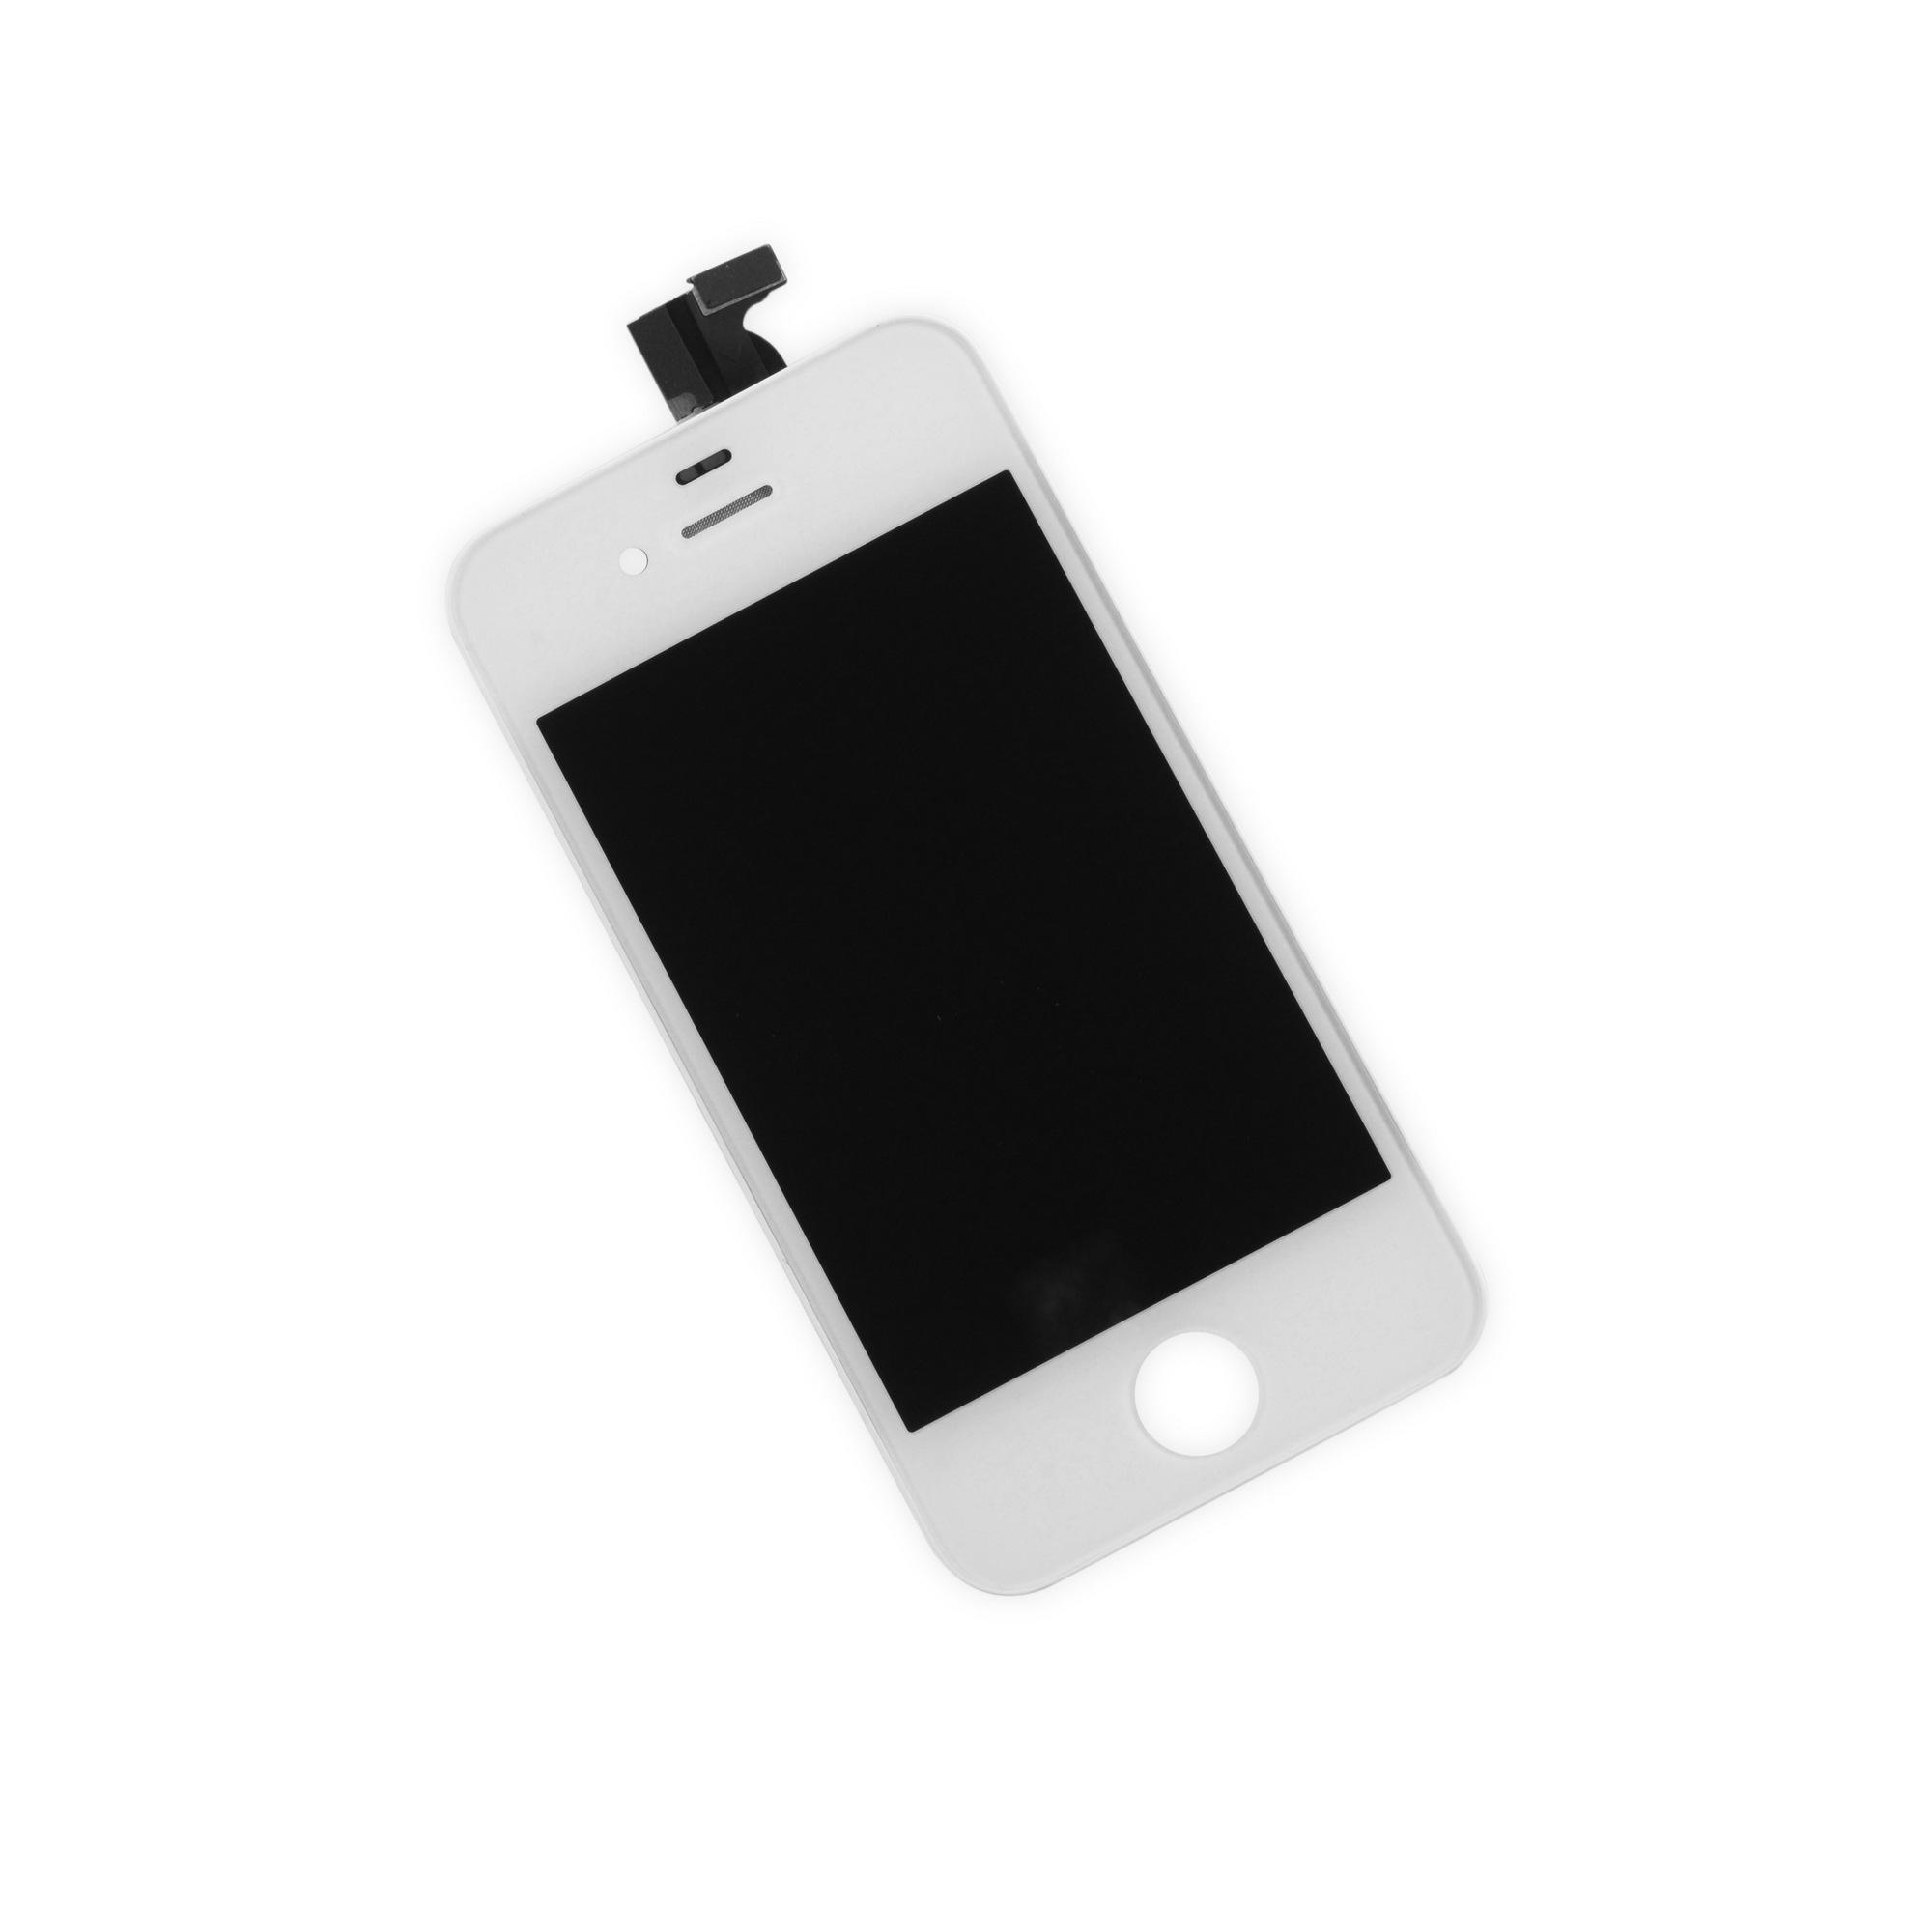 Ecran iphone 4 pas cher sur vitrecran livraison gratuite for Photo ecran iphone 4